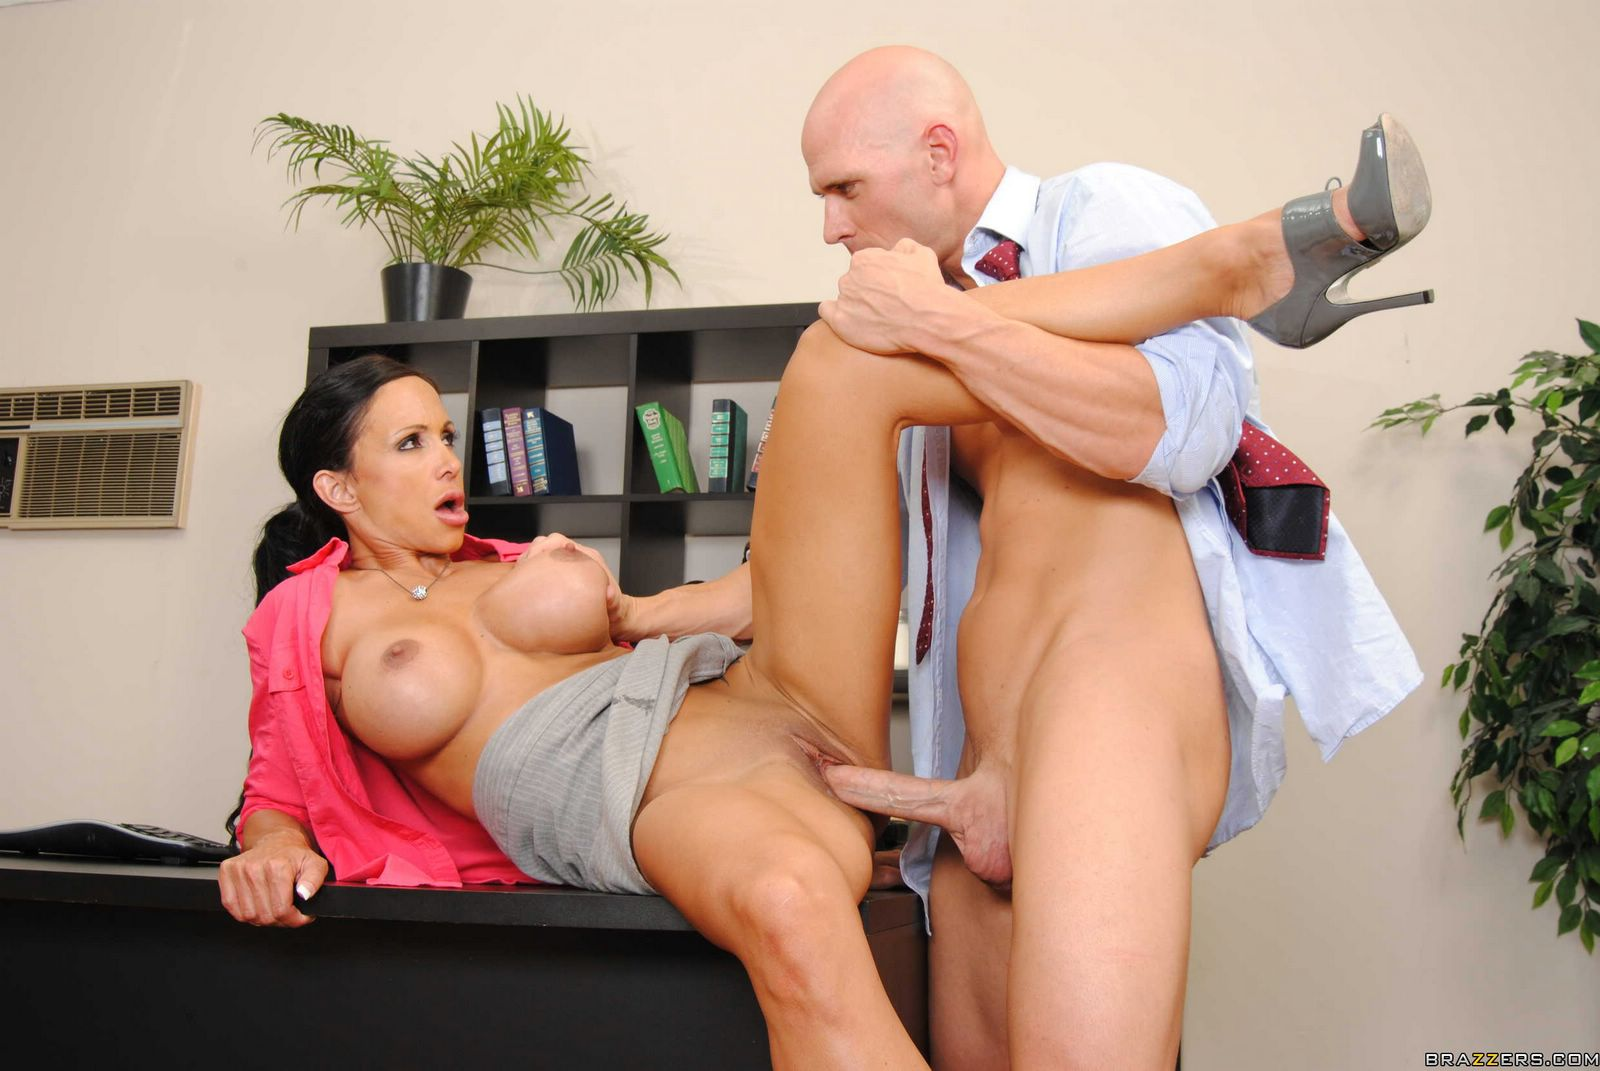 Порно блаззерс секретарши секс лучшее